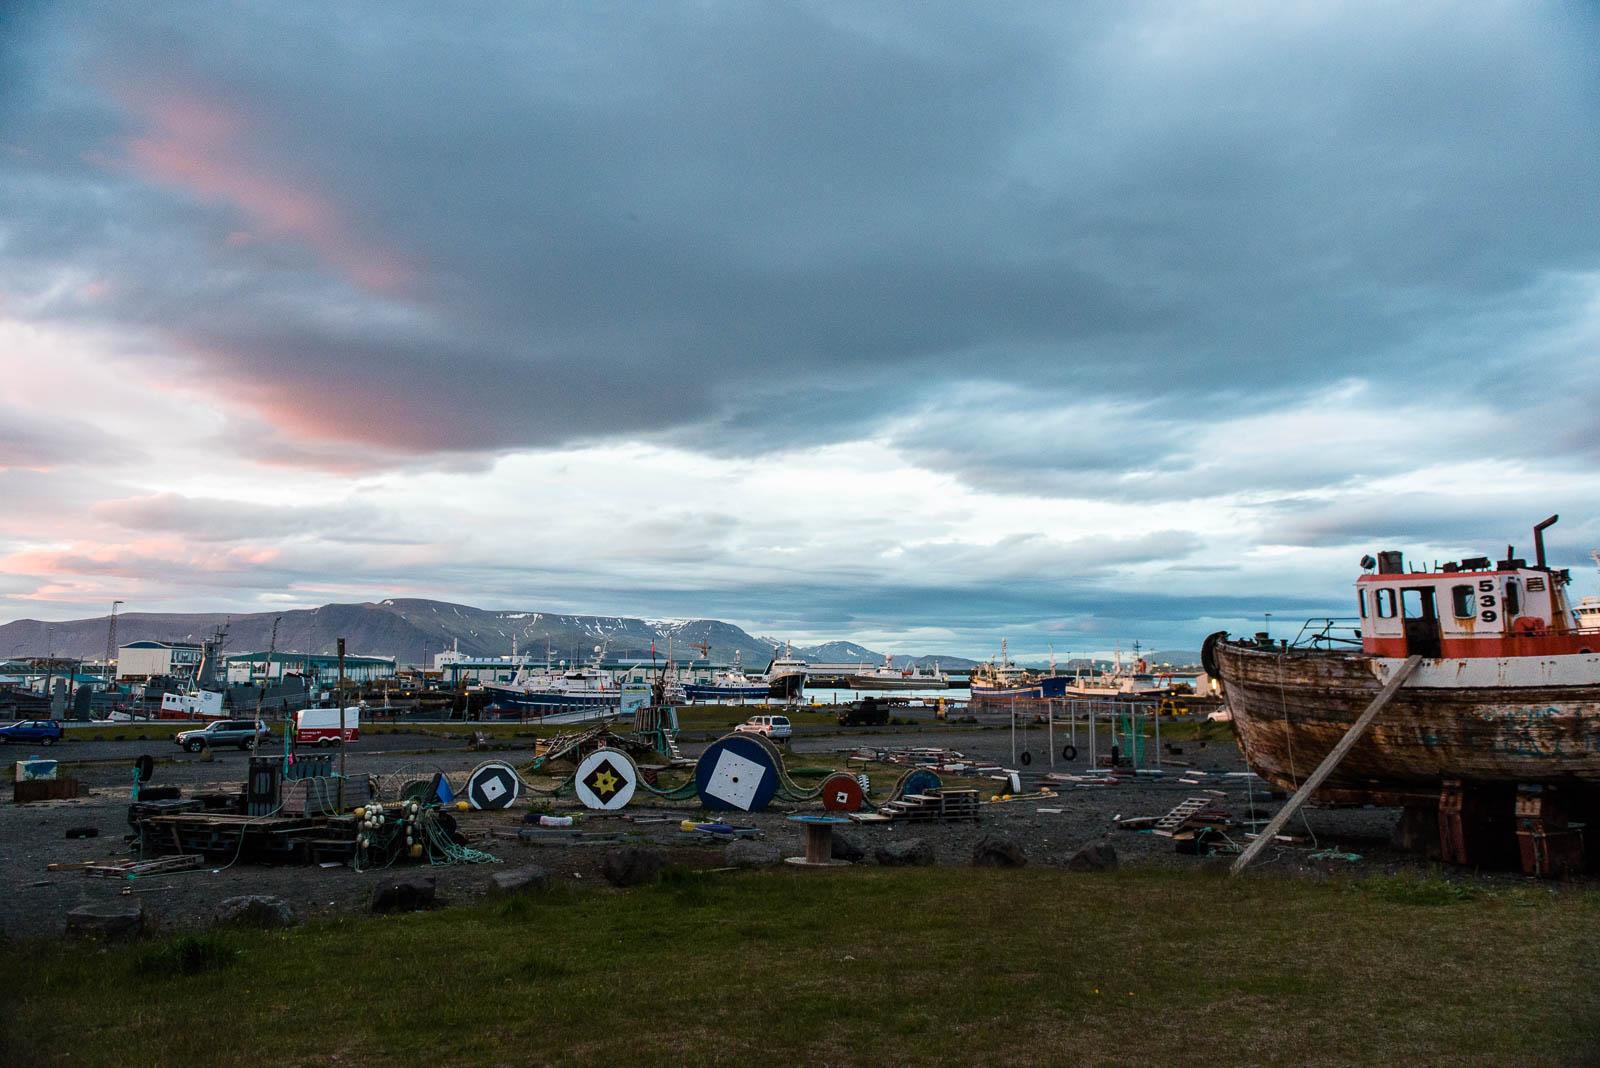 iceland-reykjavik-30